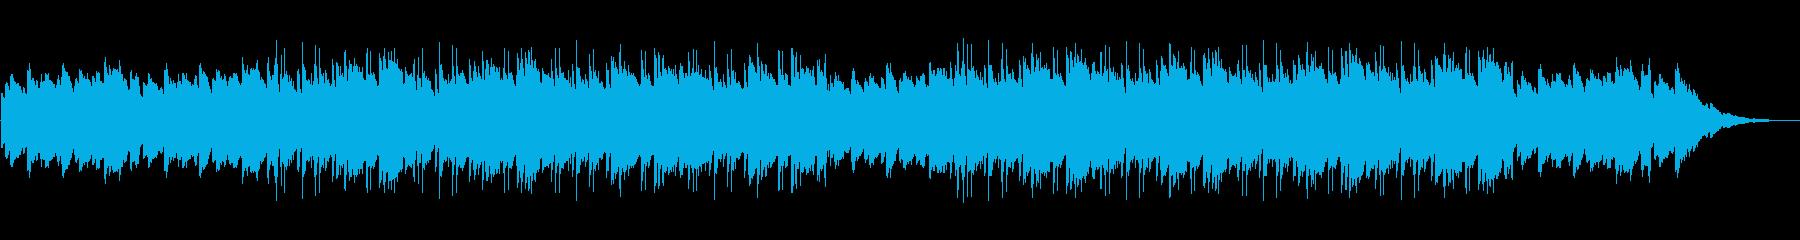 リラックス系Chill・Lo-Fiの再生済みの波形